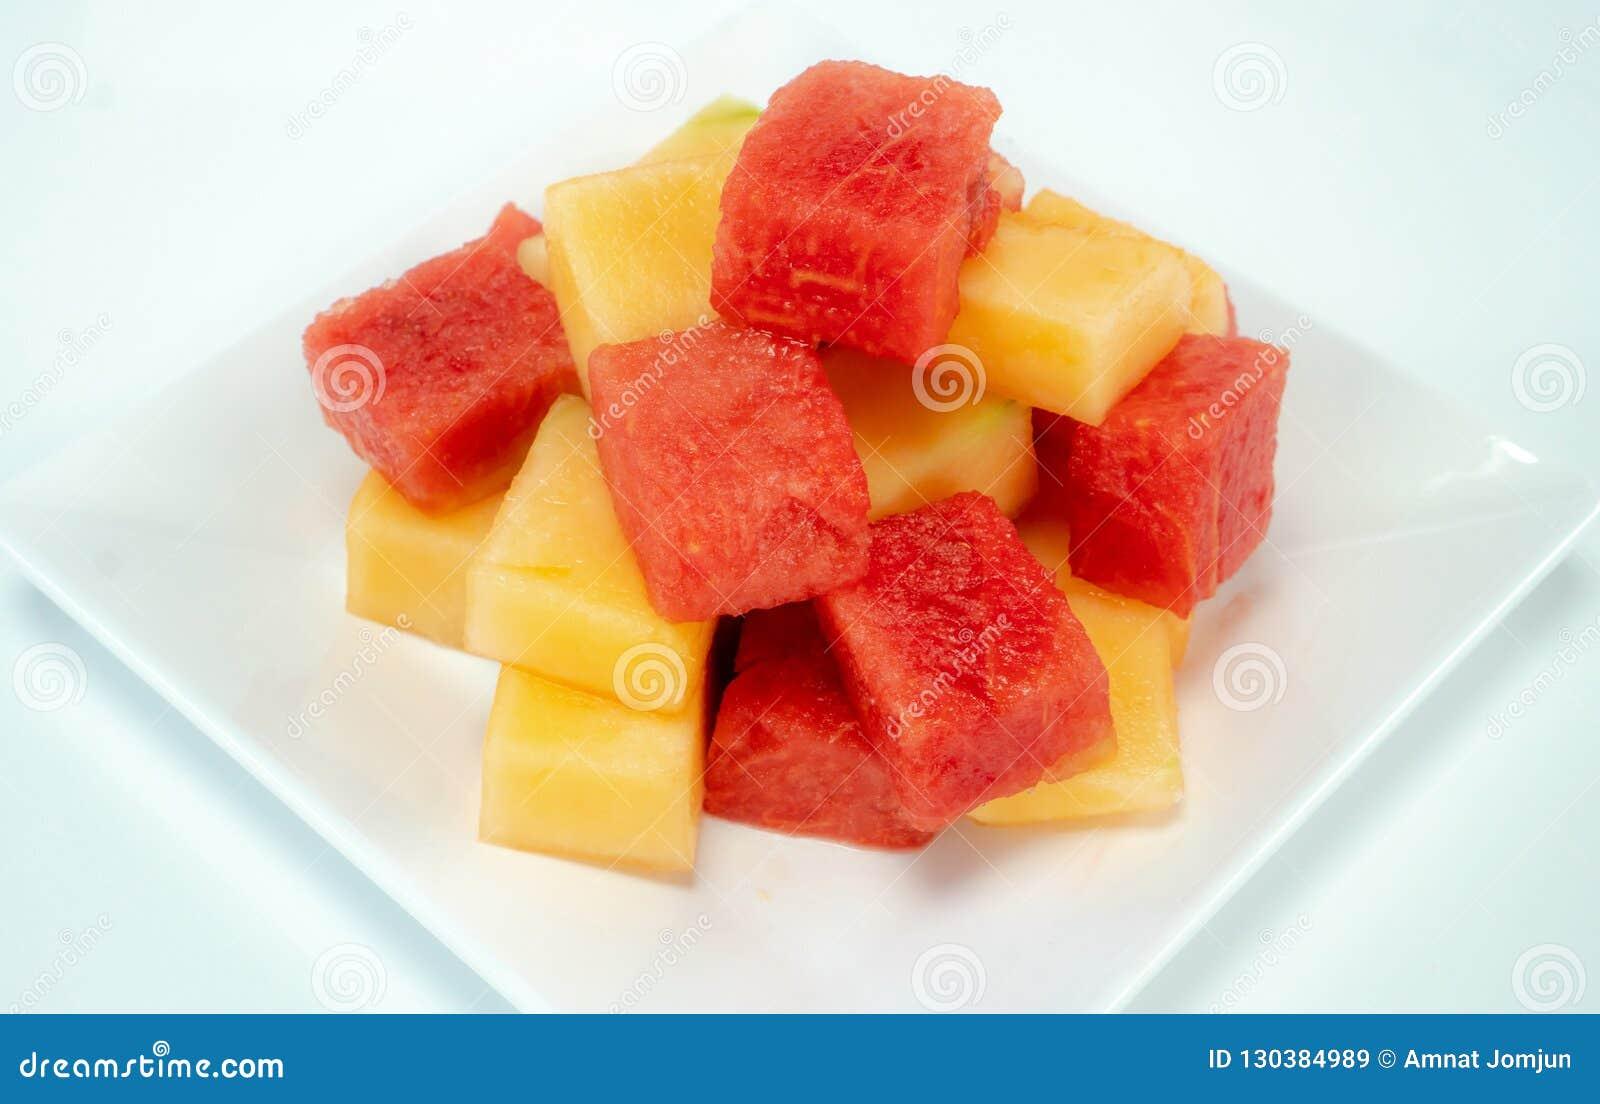 Świezi arbuzy i melony na białym talerzu